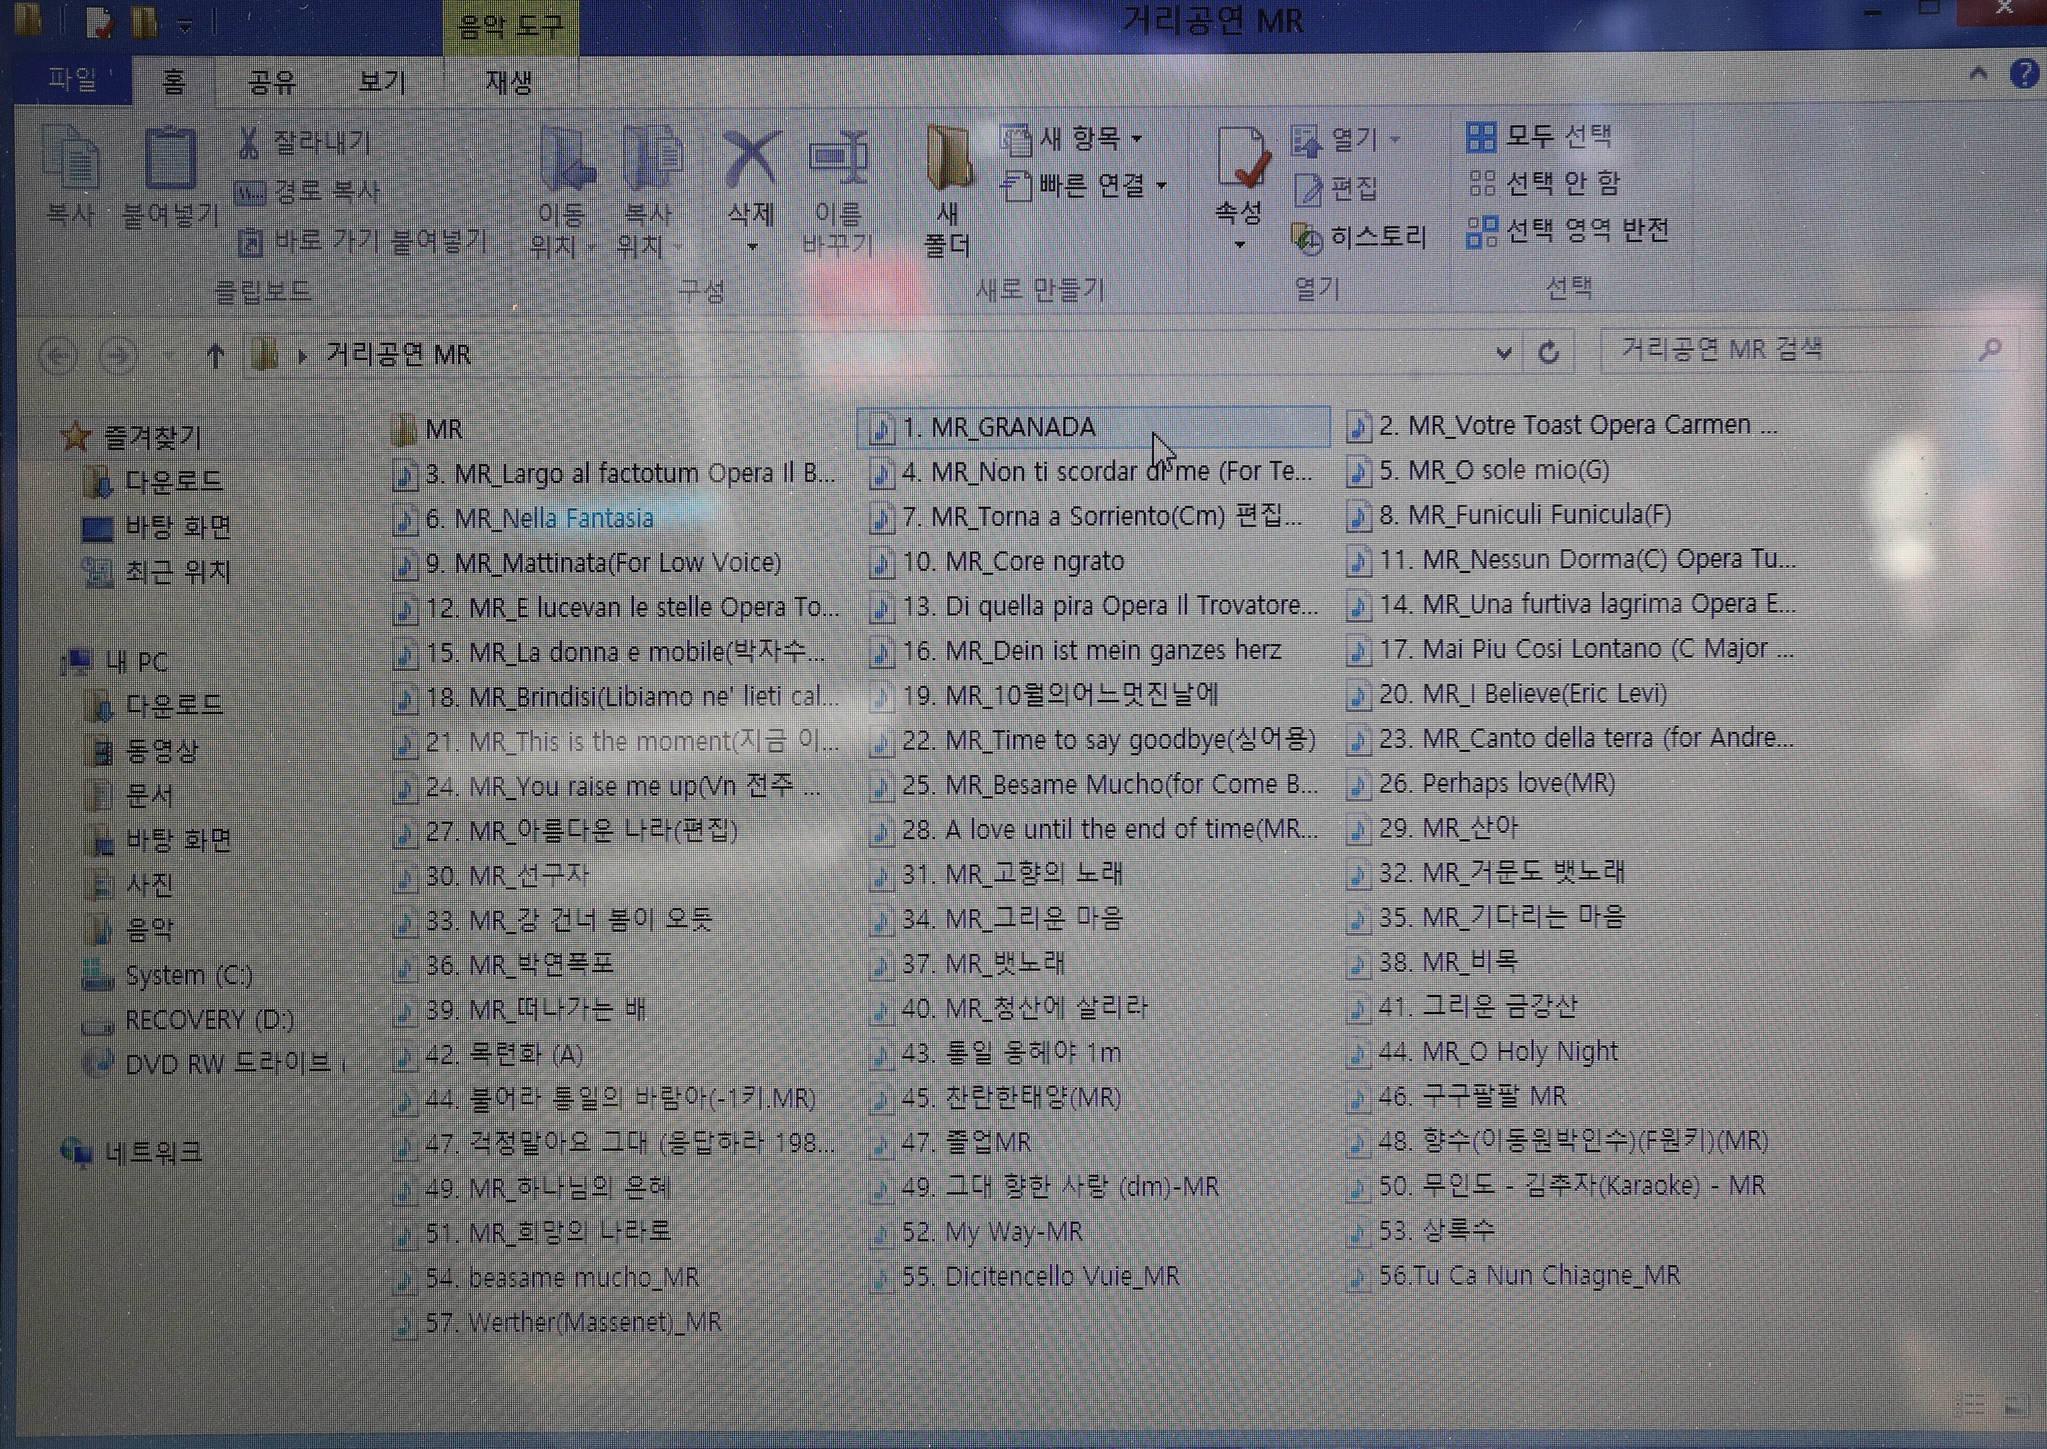 컴퓨터에 저장된 음악반주 파일 목록. 신인섭 기자